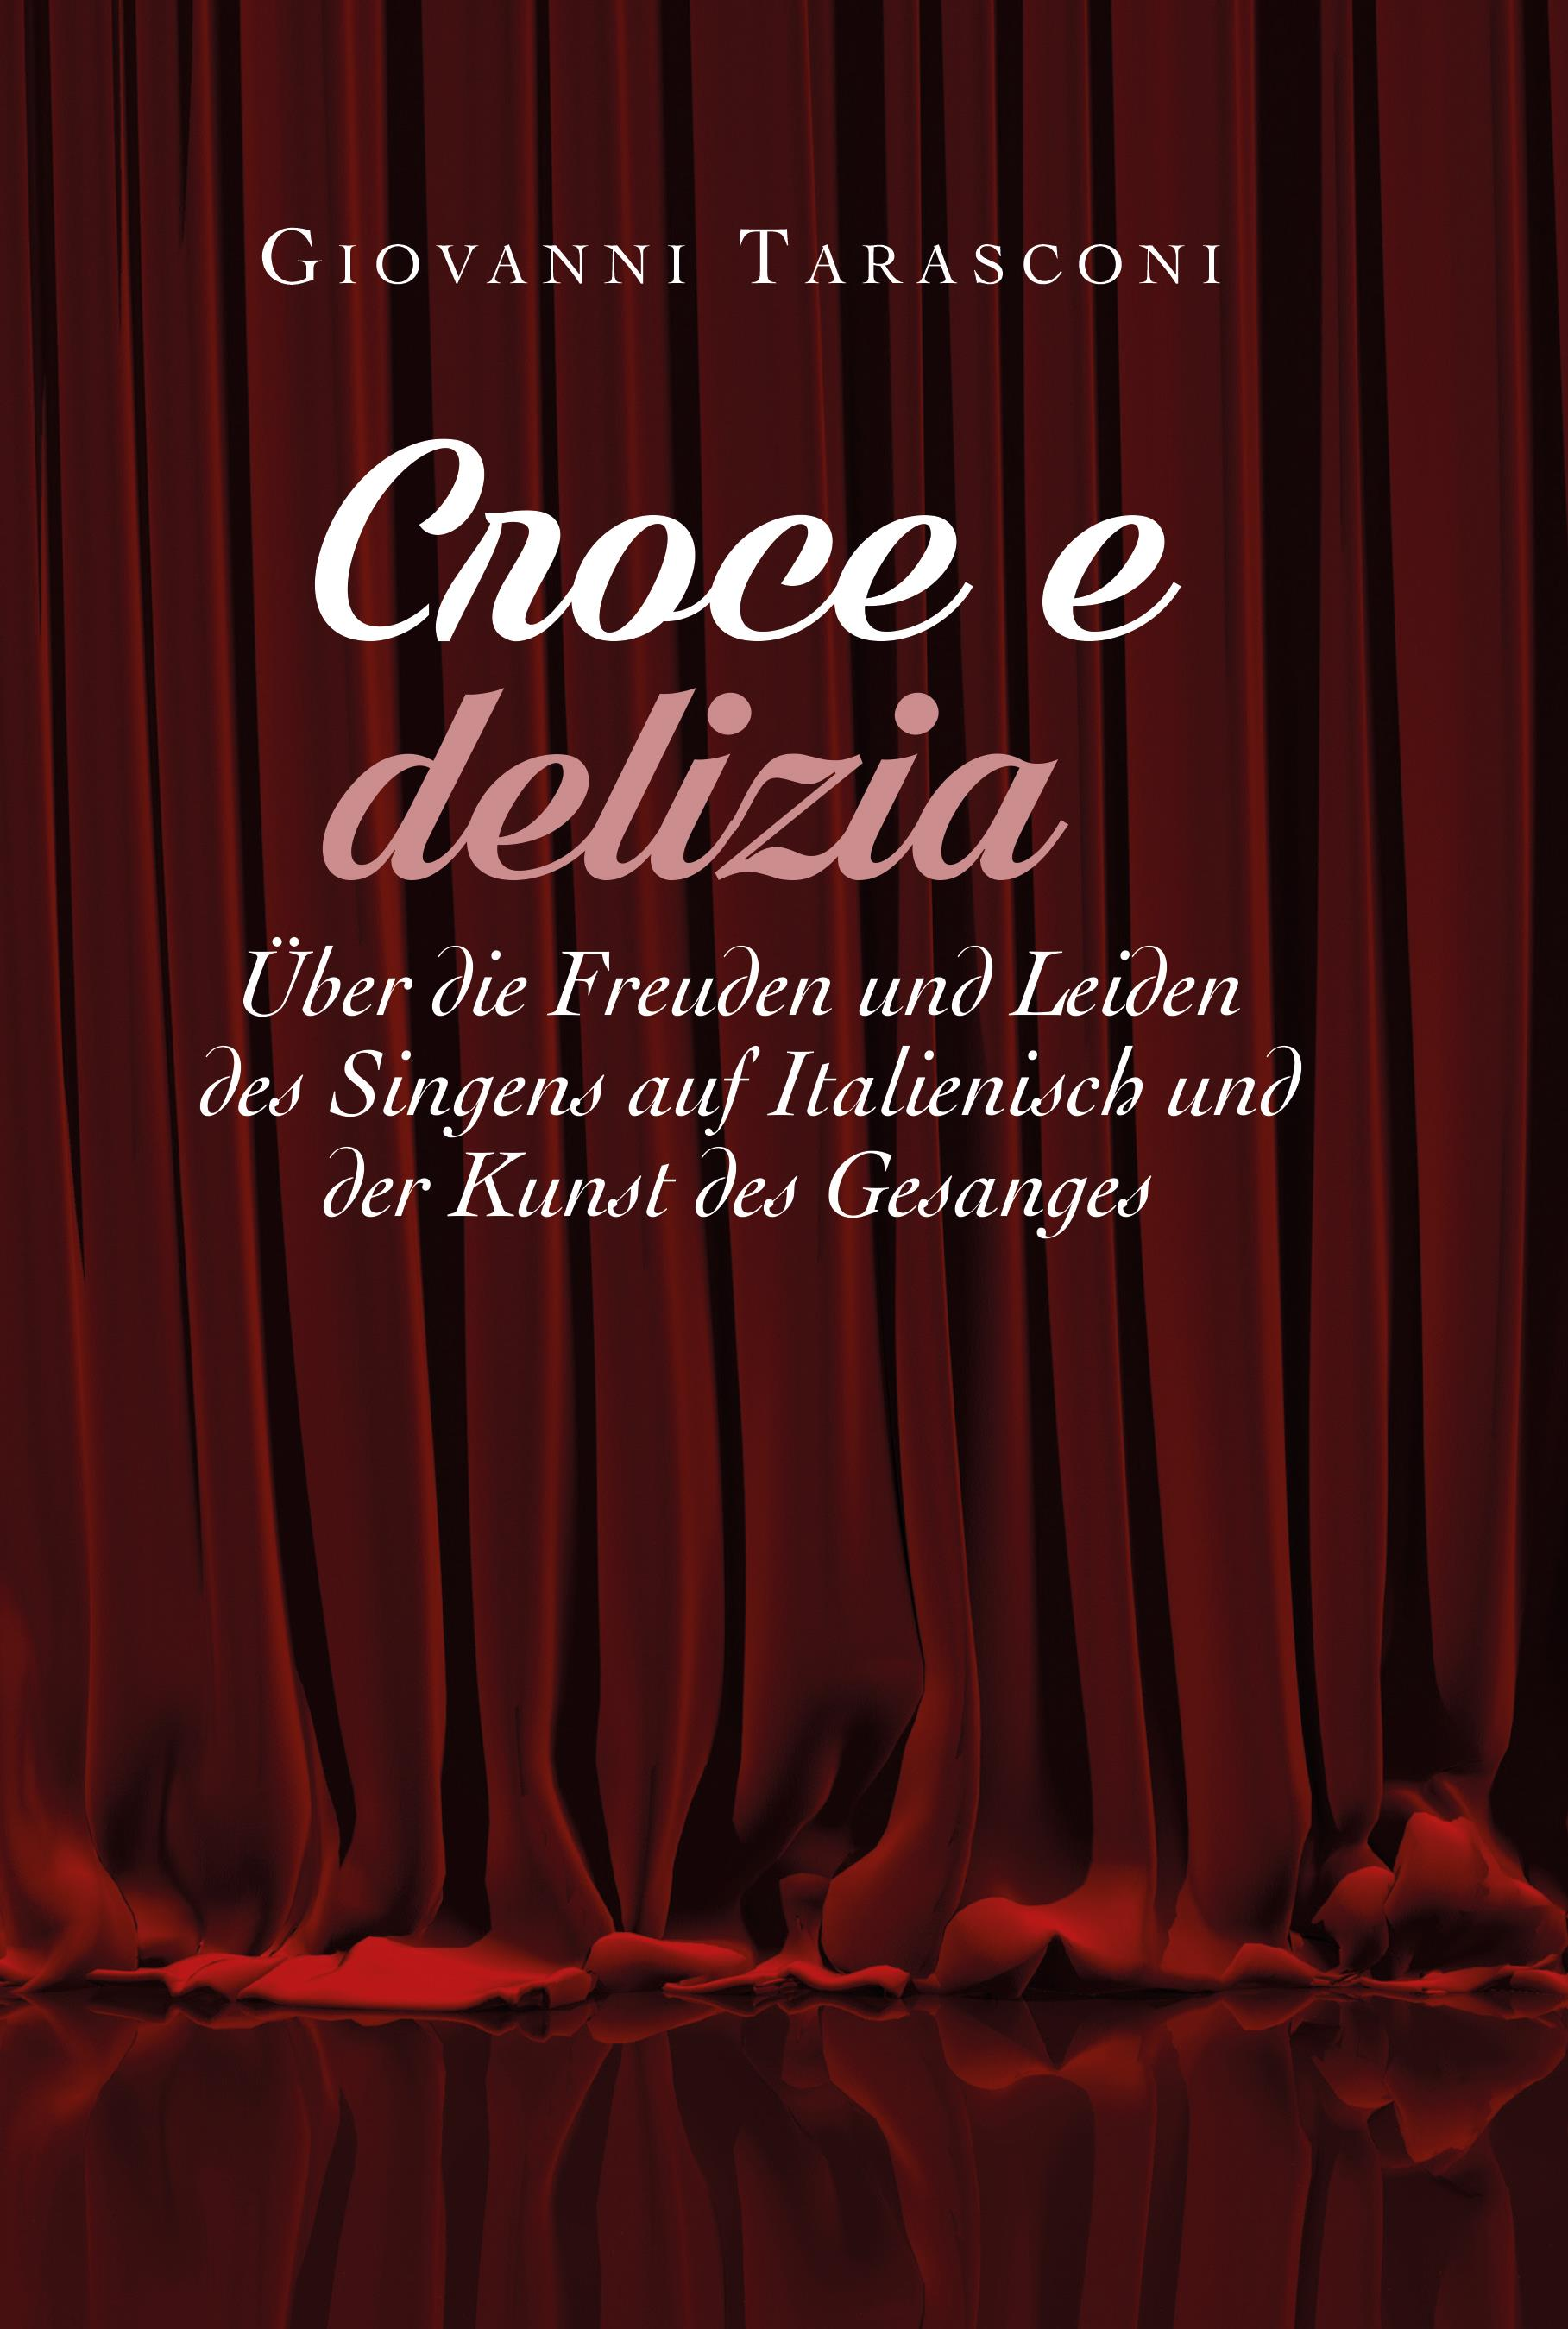 CROCE E DELIZIA: über die Freude und Leiden des Singens auf Italienisch und der Kunst des Gesanges